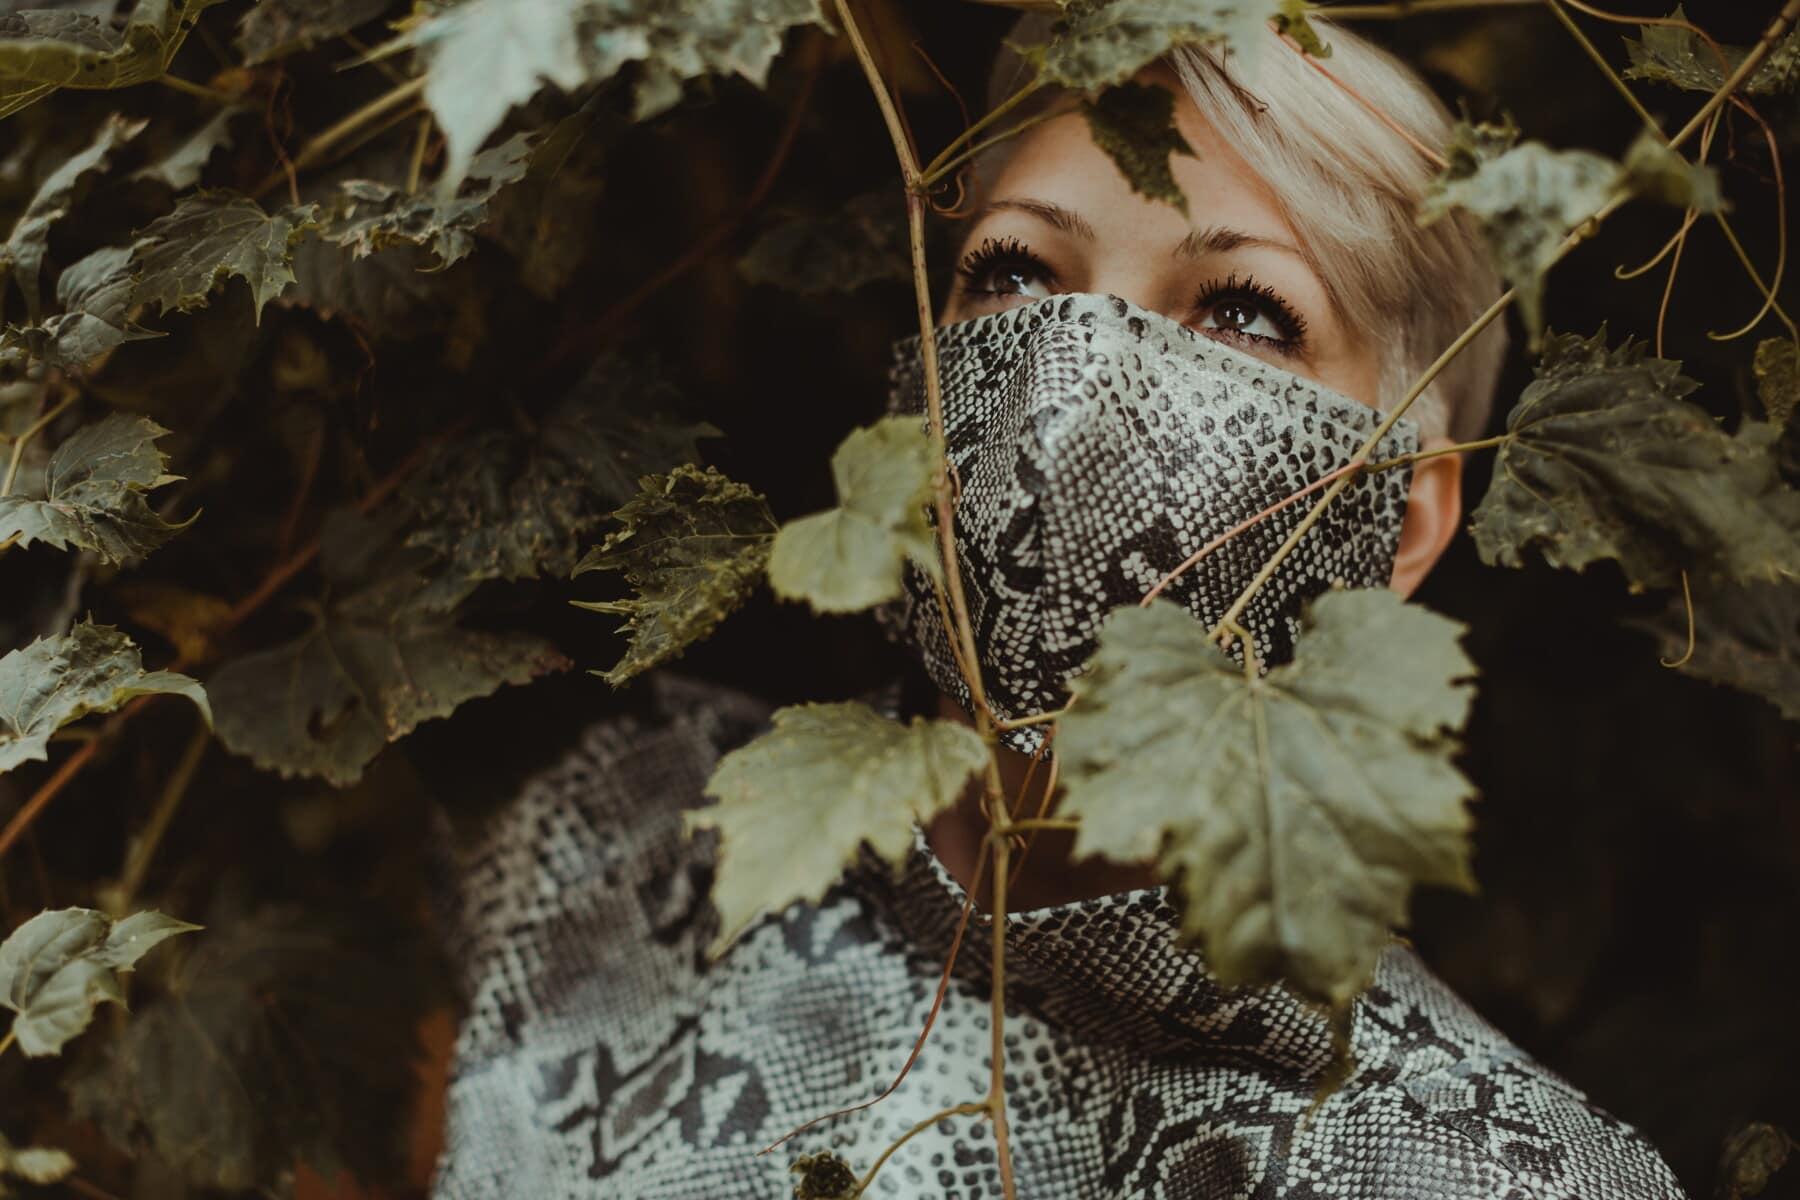 moderno, kamuflaža, dizajn, modni, stil, maska za lice, lijepa djevojka, poziranje, list, tamno